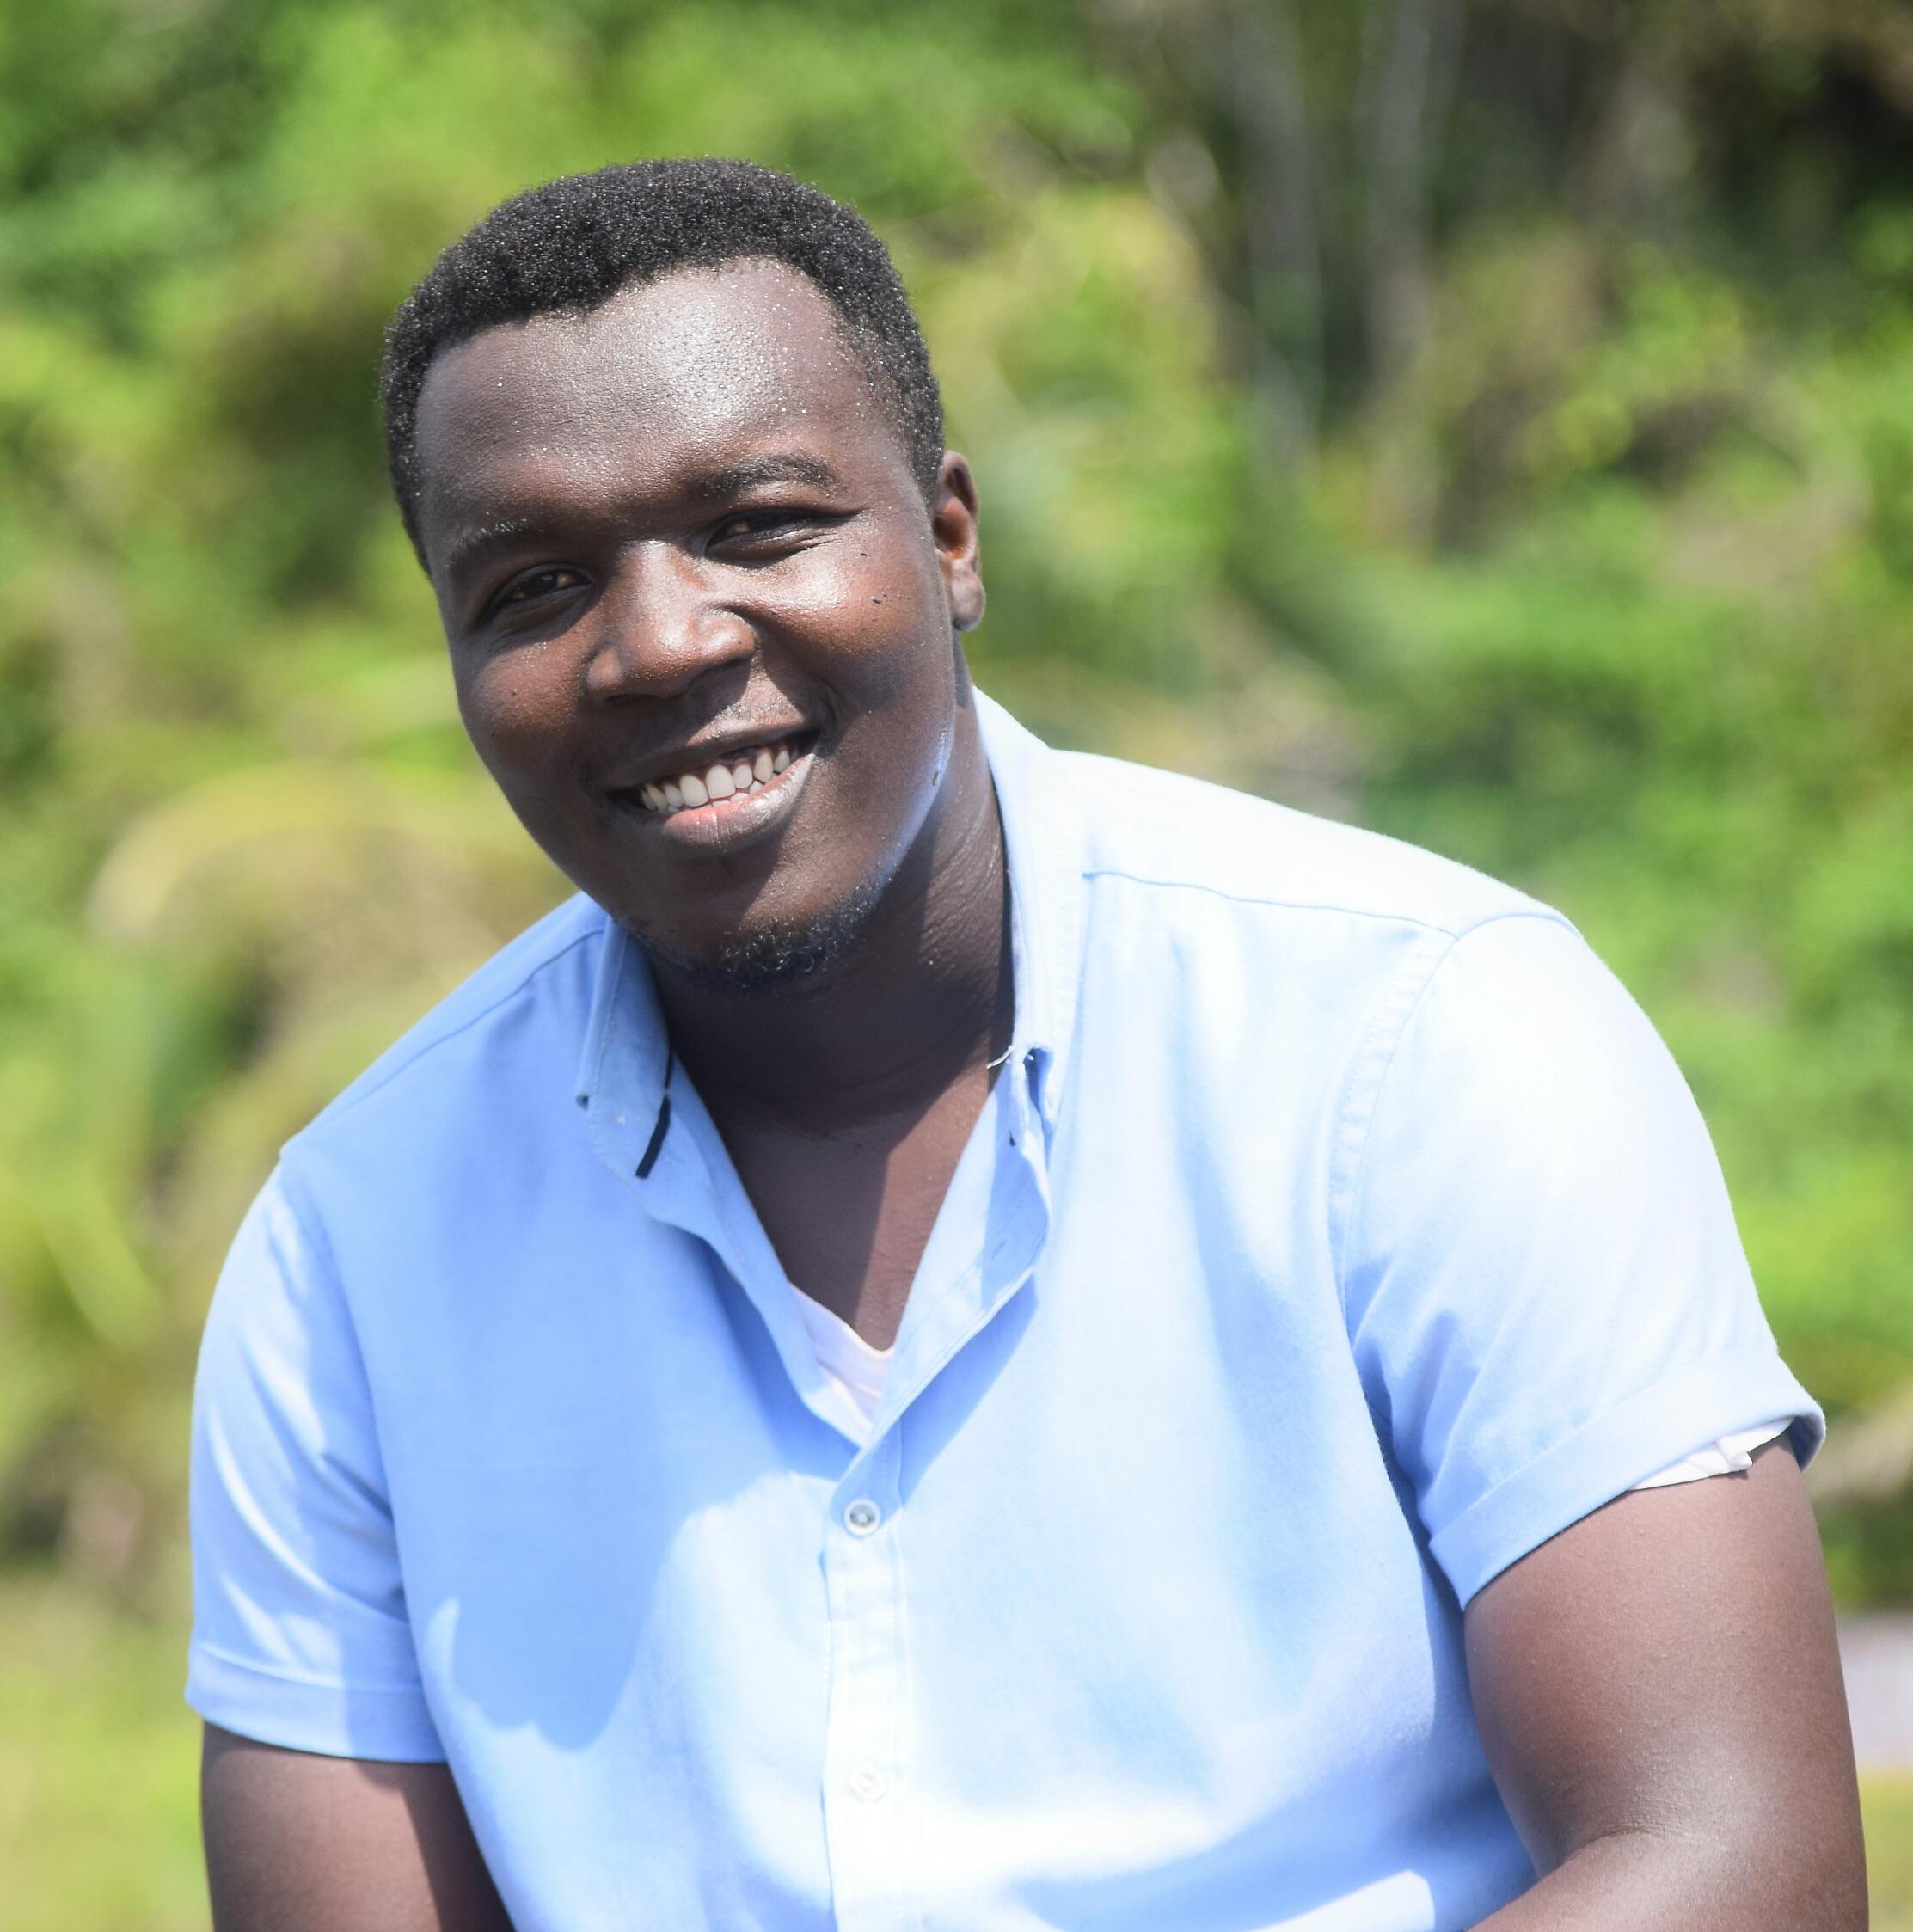 Emmanuel Philary Yaw Dapaah